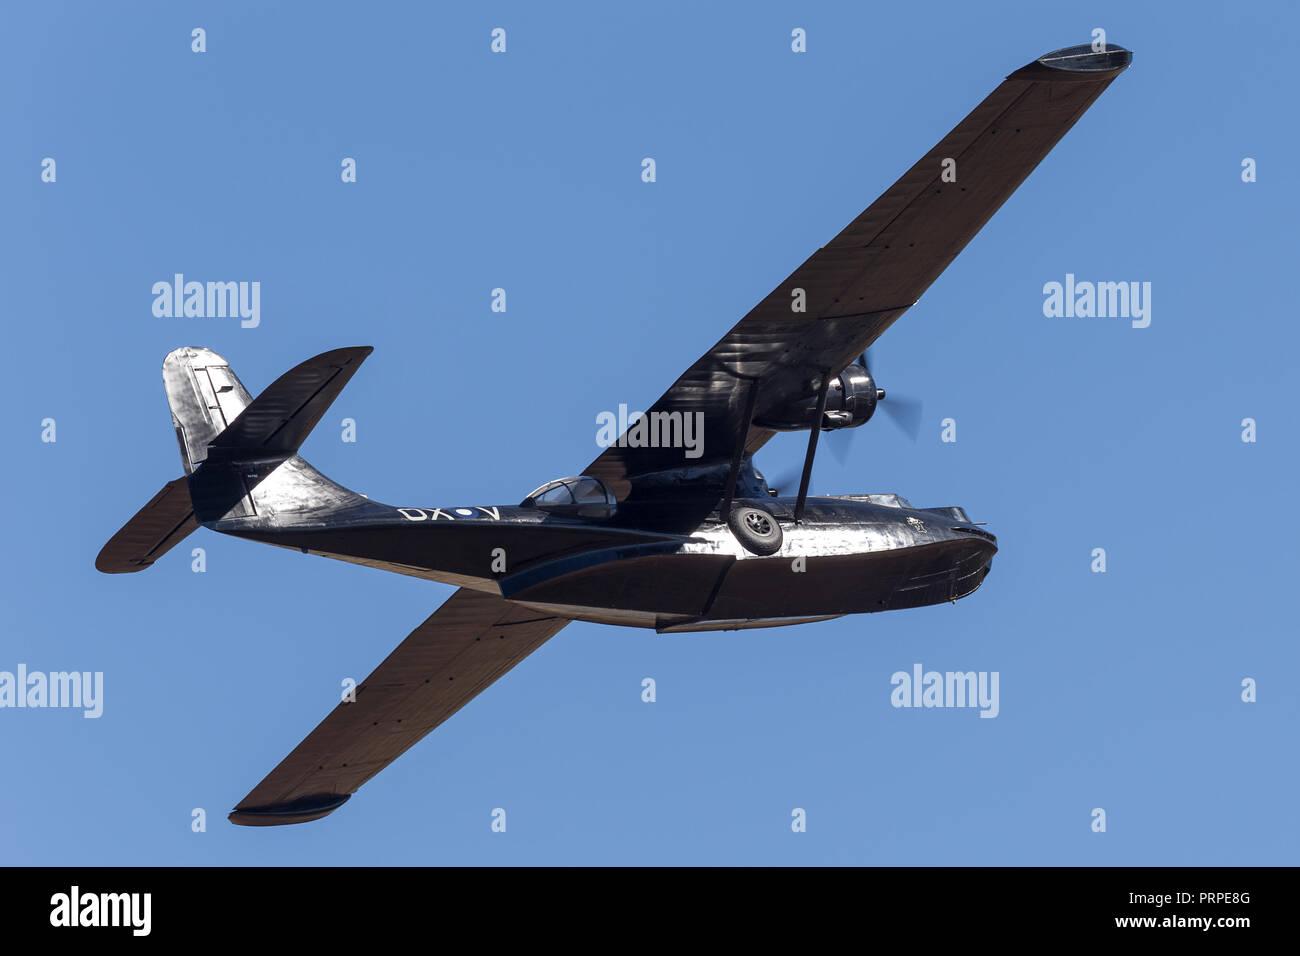 Consolidated PBY Catalina Flying Boat VH-PBZ exploité par la société de restauration d'avions historiques (HARS) ÔBlack CatsÕ portant la célèbre livery fro Photo Stock